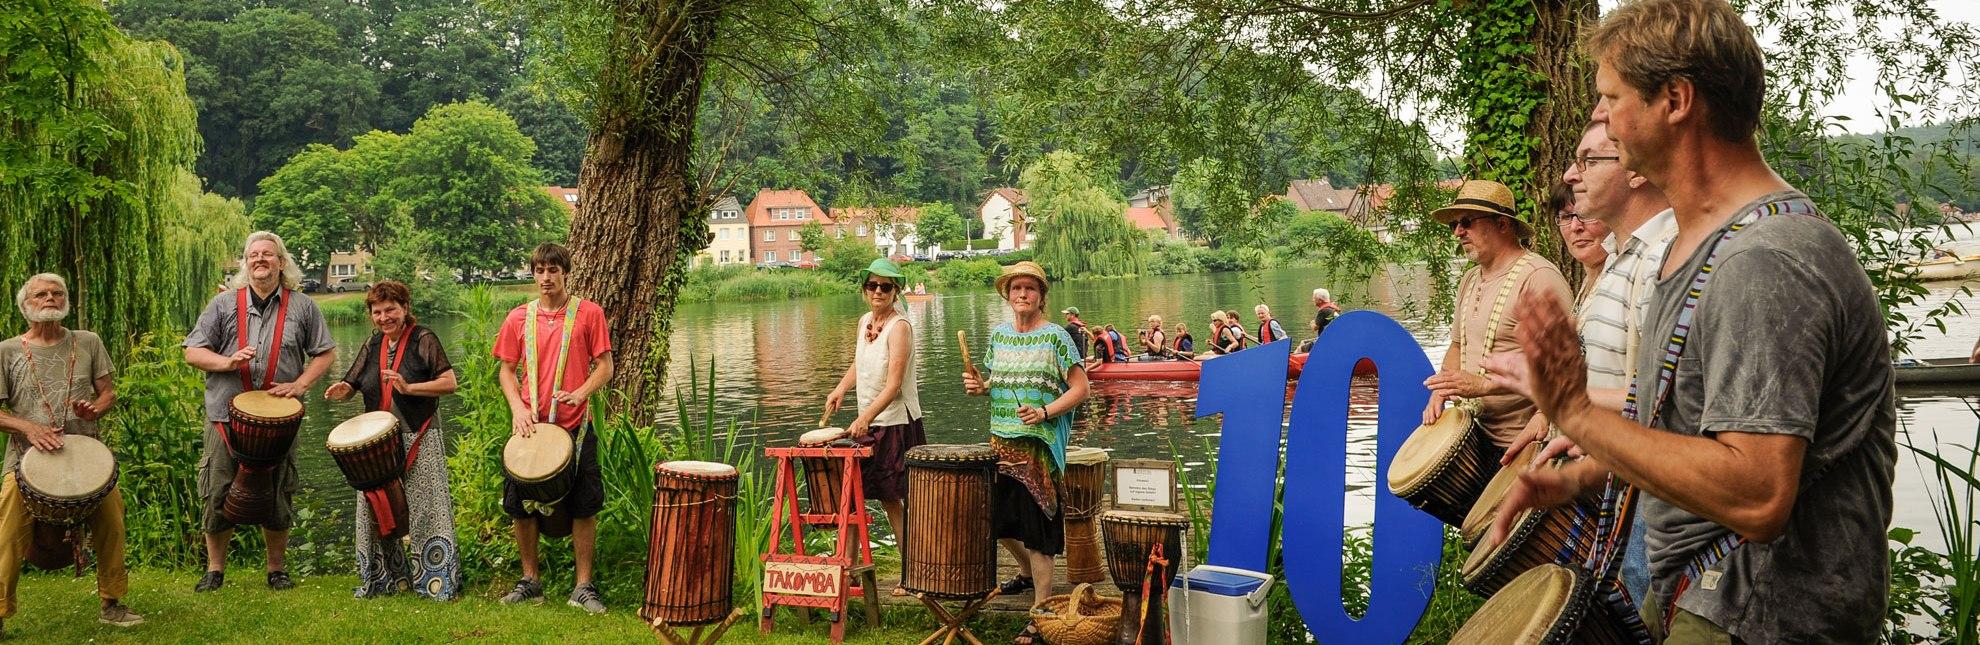 """Immer wieder ein Publikumsliebling: Die Trommler von """"Takomba"""" bei der Eröffnung des Kultursommers 2015., © Nicole Franke / HLMS GmbH"""